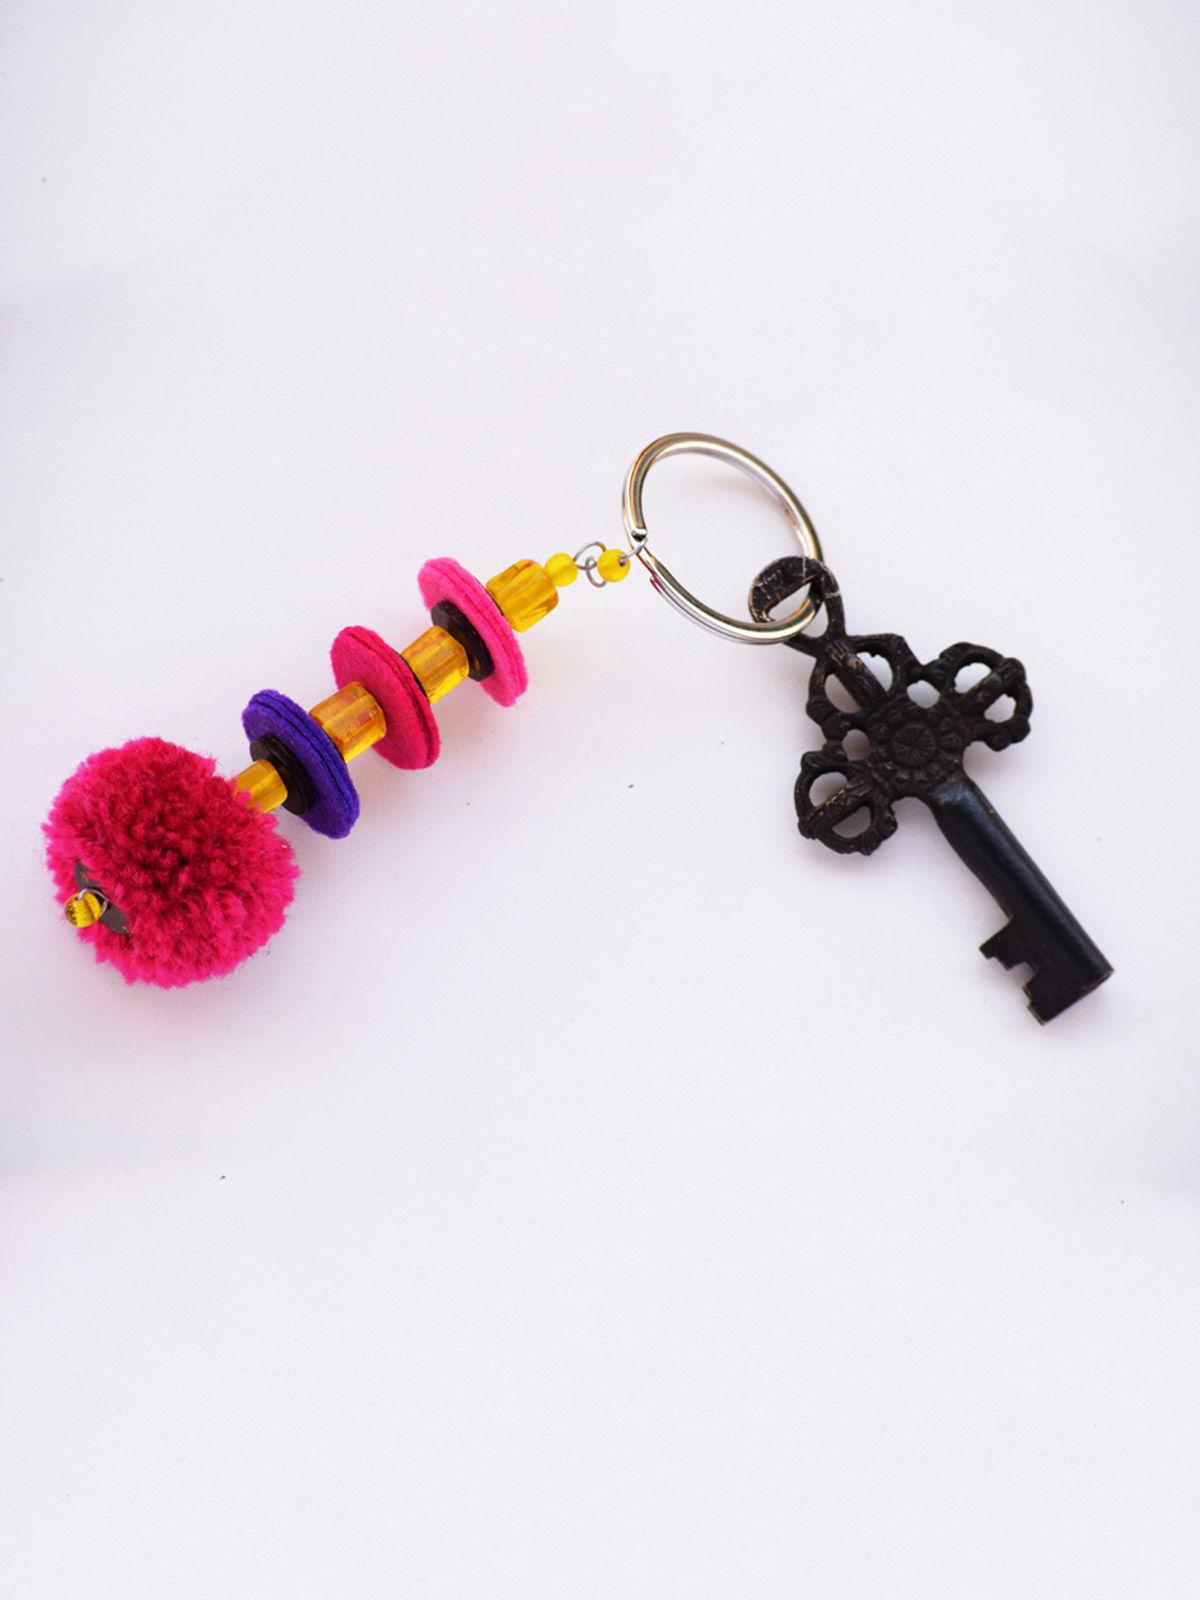 Munchkin Keychain - Pink